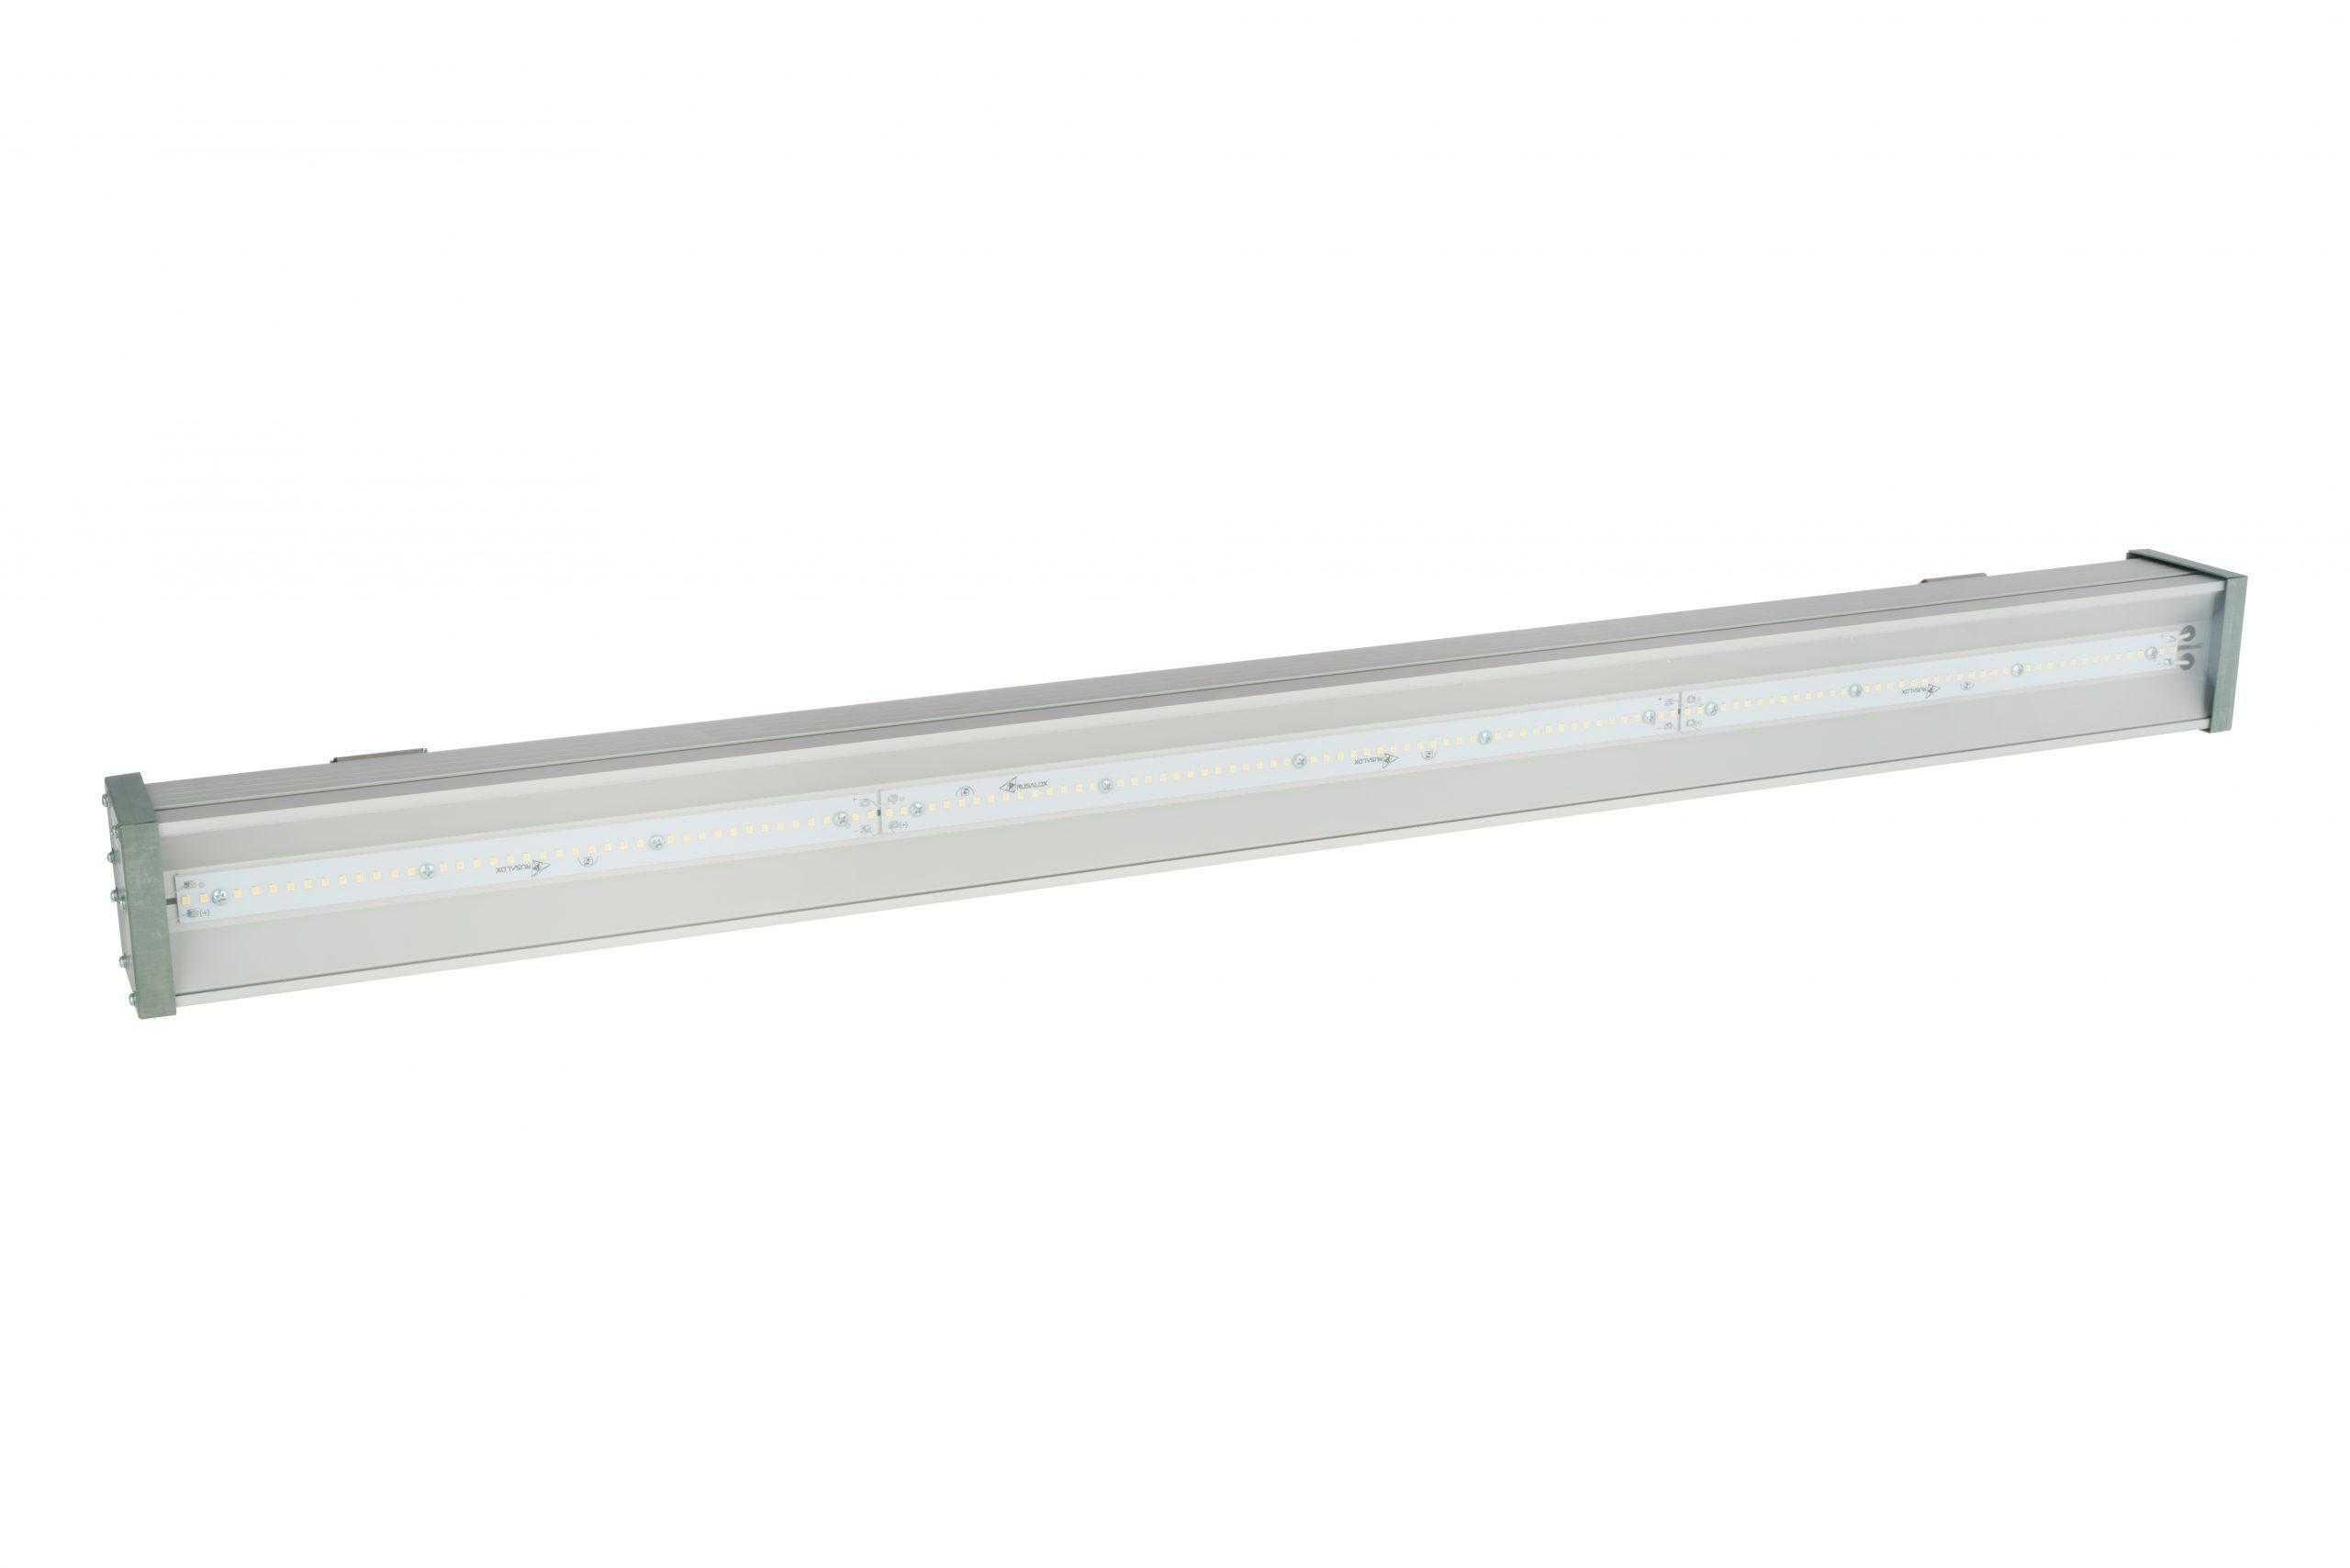 Изображение линейного светодиодного светильника Line Prom 50W